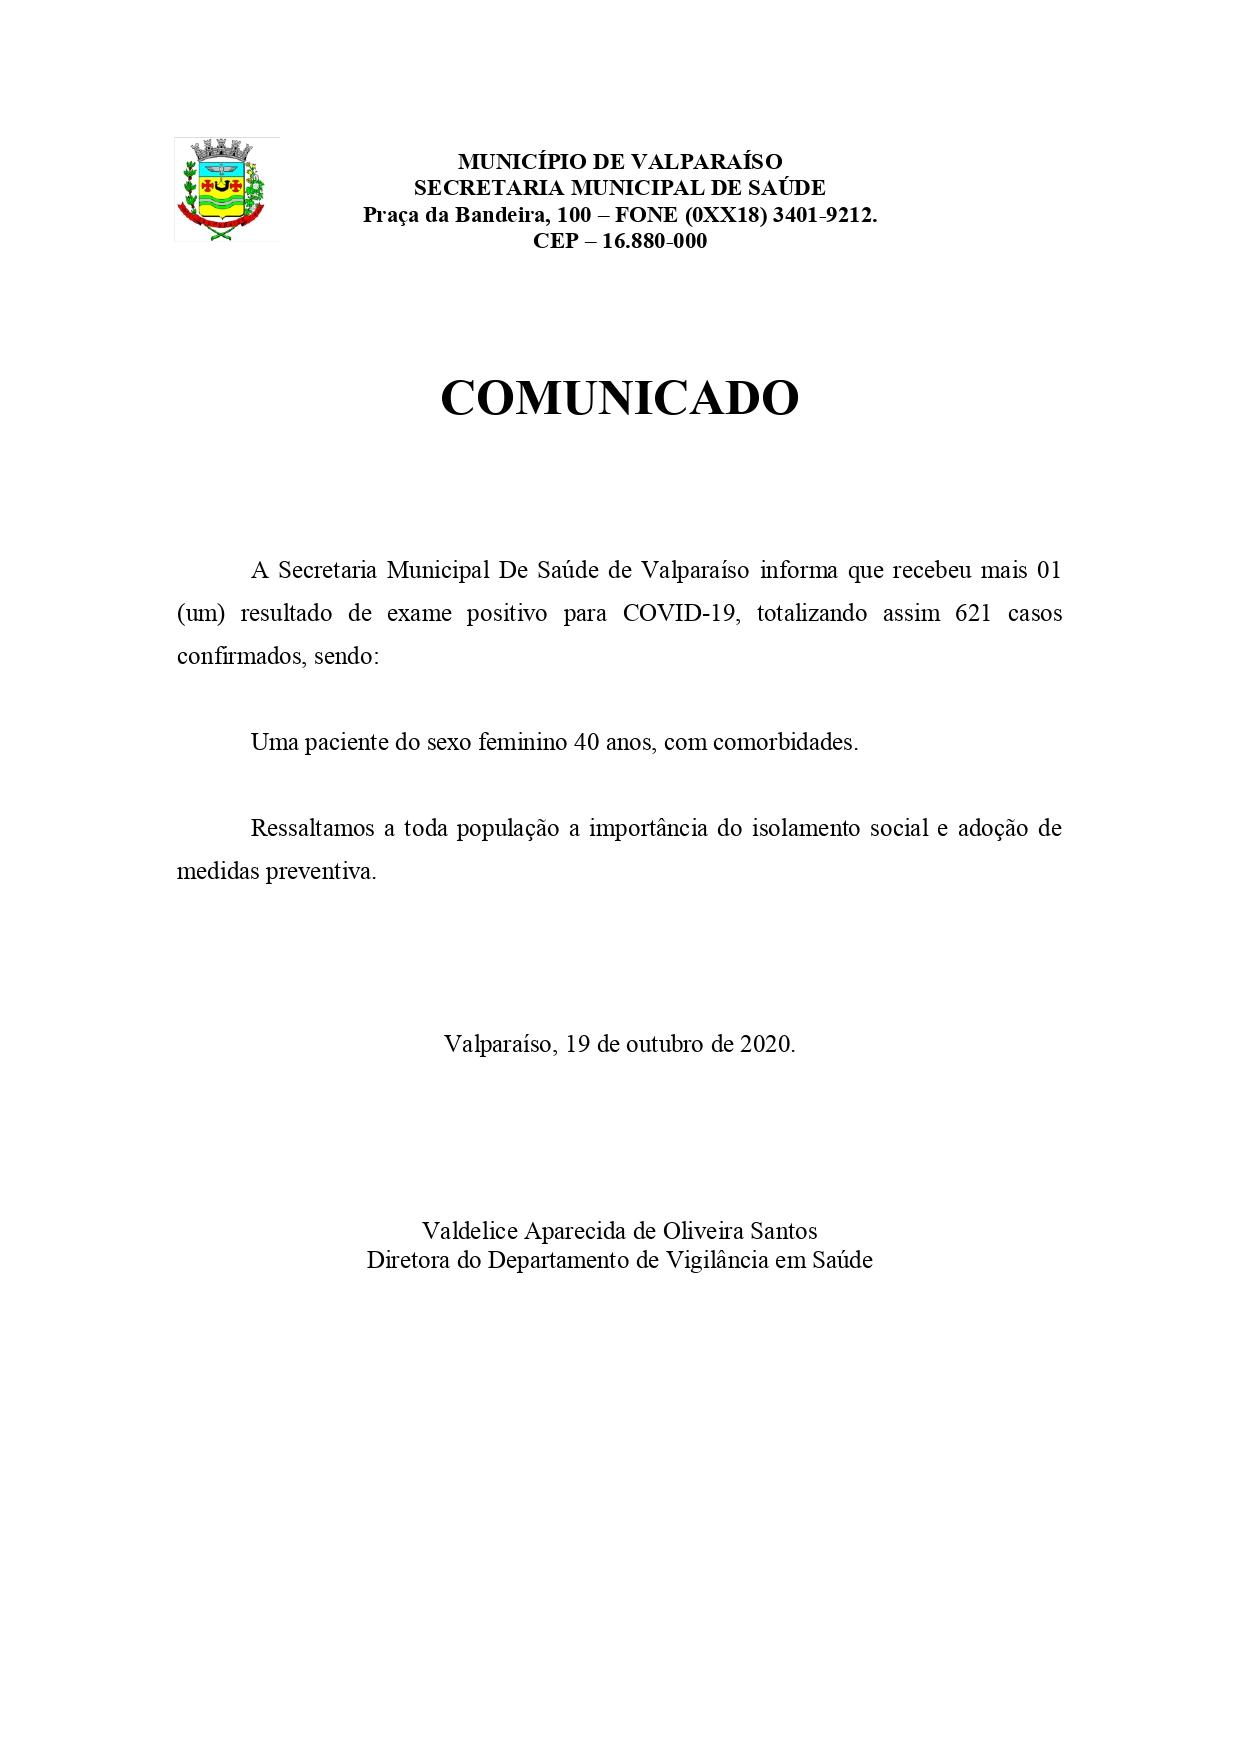 covid621